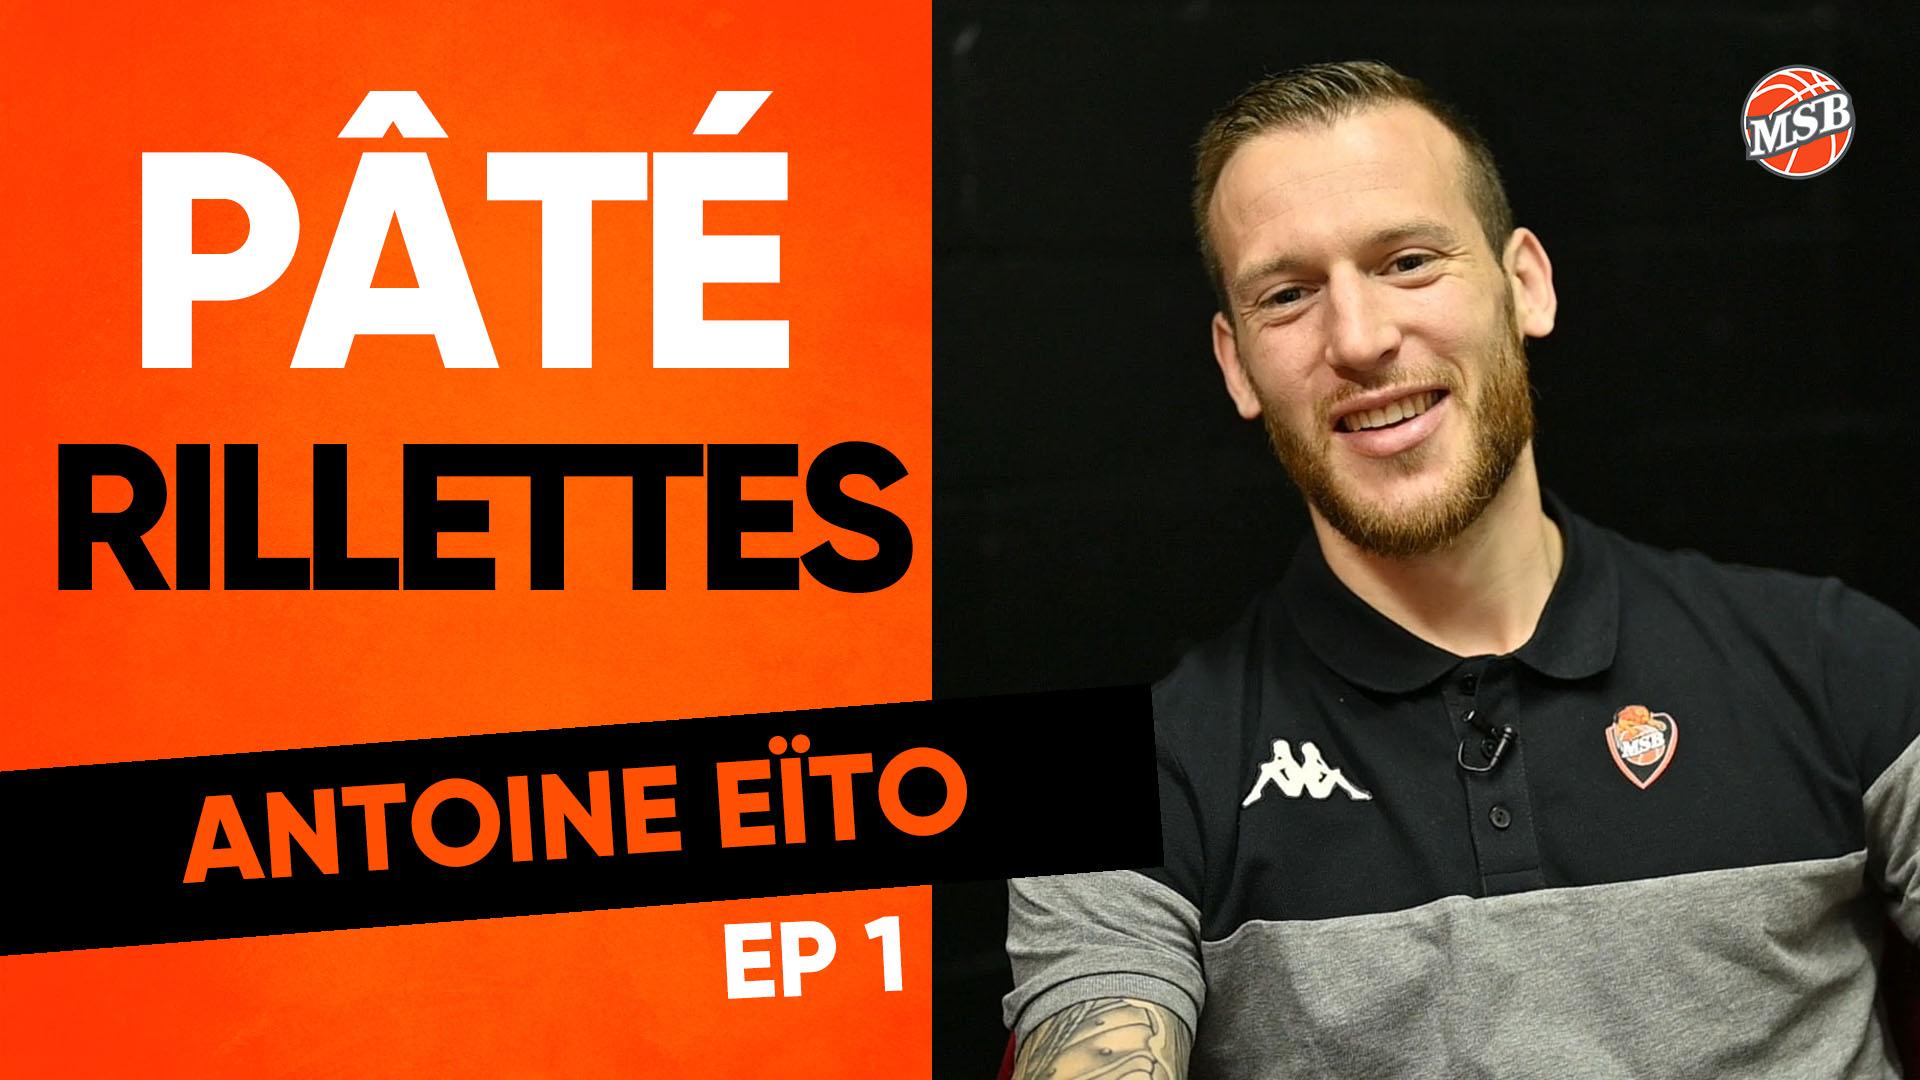 Pâté ou Rillettes ? Antoine Eïto (Ep. 1)